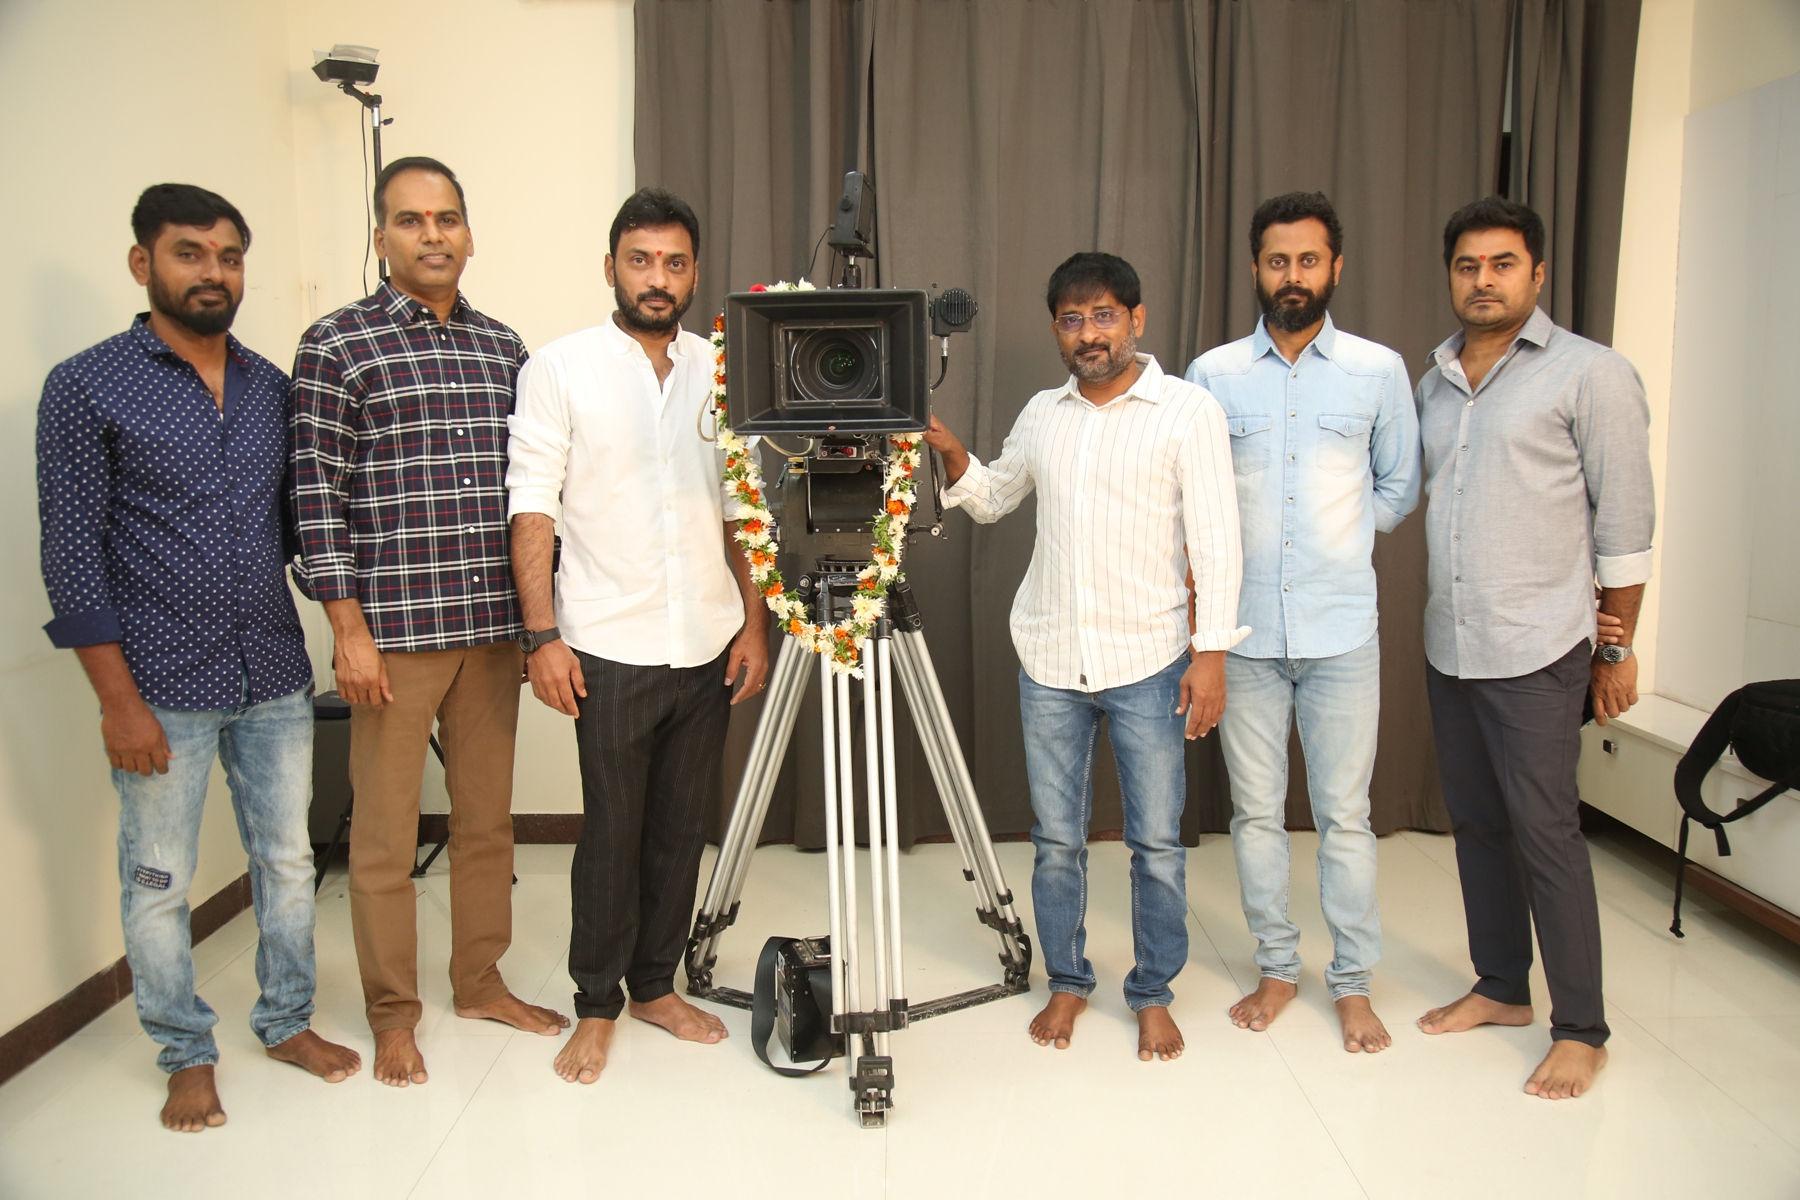 P Ravi Shankar @ Ravi Teja, Sarath Mandava, SLV Cinemas LLP Production No 4 Launched